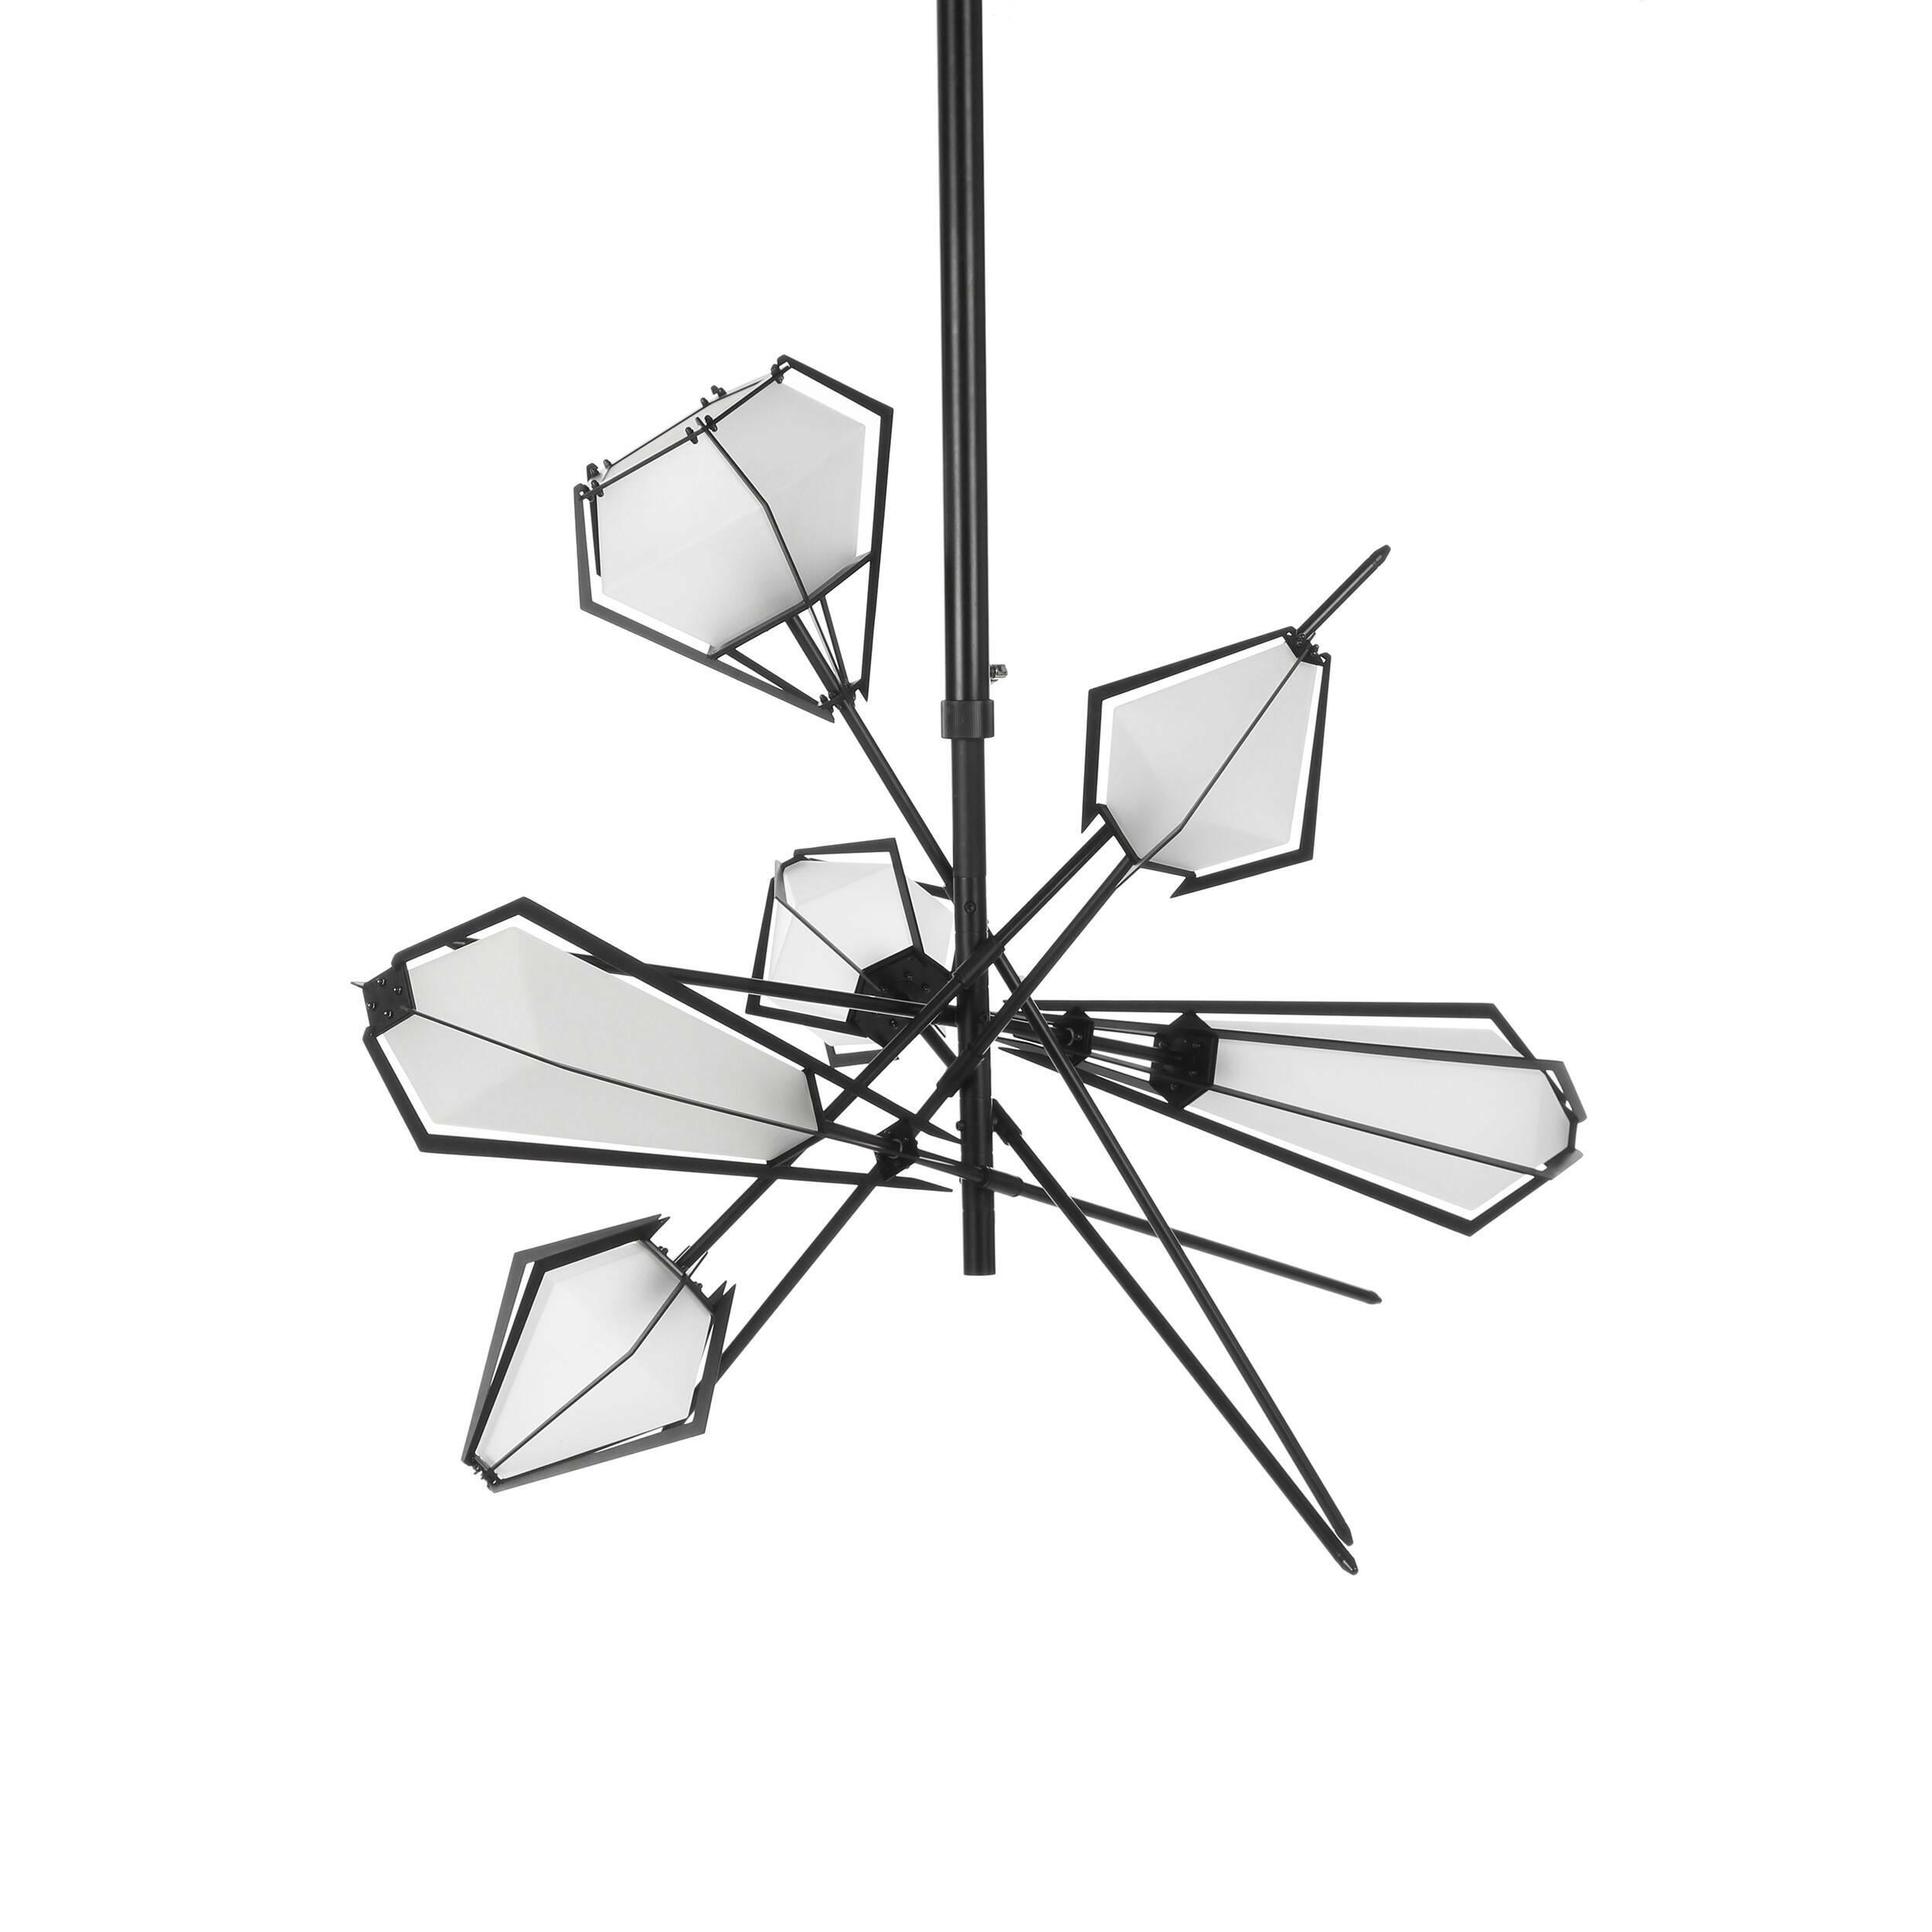 Подвесной светильник Lattice, 6 лампПодвесные<br>Подвесной светильник Lattice, 6 ламп — работа канадских дизайнеров Гэбриела Какона и Скотта Ричлера, дуэта, более известного как Гэбриел Скотт (Gabriel Scott). Как и все работы канадского дуэта, светильник имеет свой уникальный, неповторимый стиль и сочетание цвета и формы. Их необыкновенные коллекции стали популярными во всем западном мире, а осветительные изделия, похожие на яркие далекие звезды, покорили многих ценителей дизайнерского искусства.<br><br><br> Плафоны светильника изготовлены из...<br><br>stock: 3<br>Высота: 110<br>Ширина: 97,5<br>Длина: 153,5<br>Количество ламп: 6<br>Материал абажура: Стекло<br>Материал арматуры: Сталь<br>Мощность лампы: 40<br>Тип лампы/цоколь: E14<br>Цвет абажура: Белый<br>Цвет арматуры: Черный